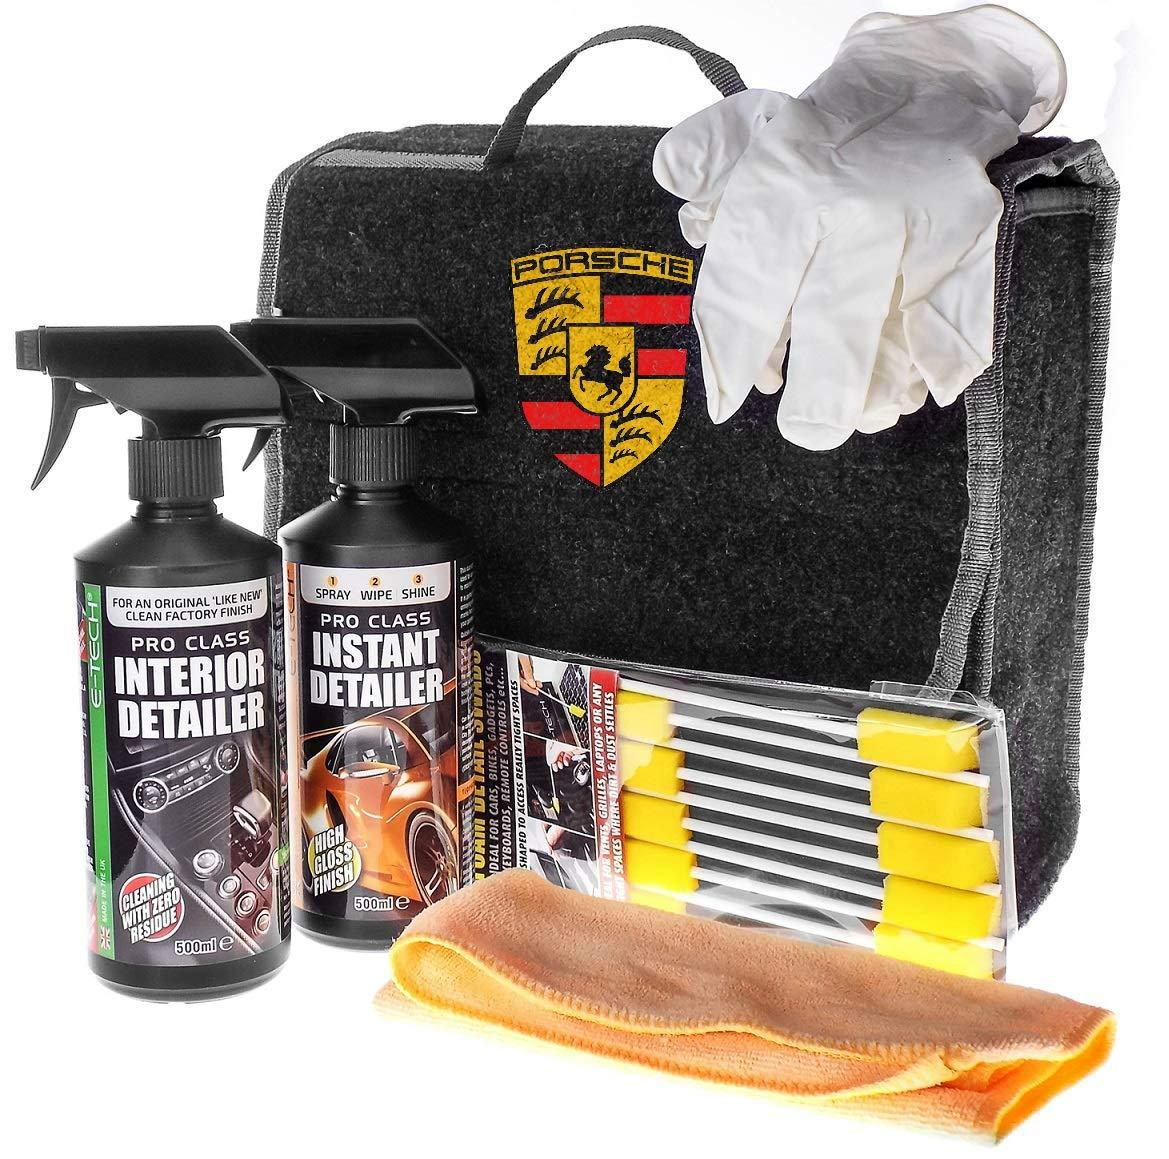 Beetleink Porsche Professionnel Dé tails kit kit de Nettoyage avec Serviteur de Coffre Beetle-Ink Limited